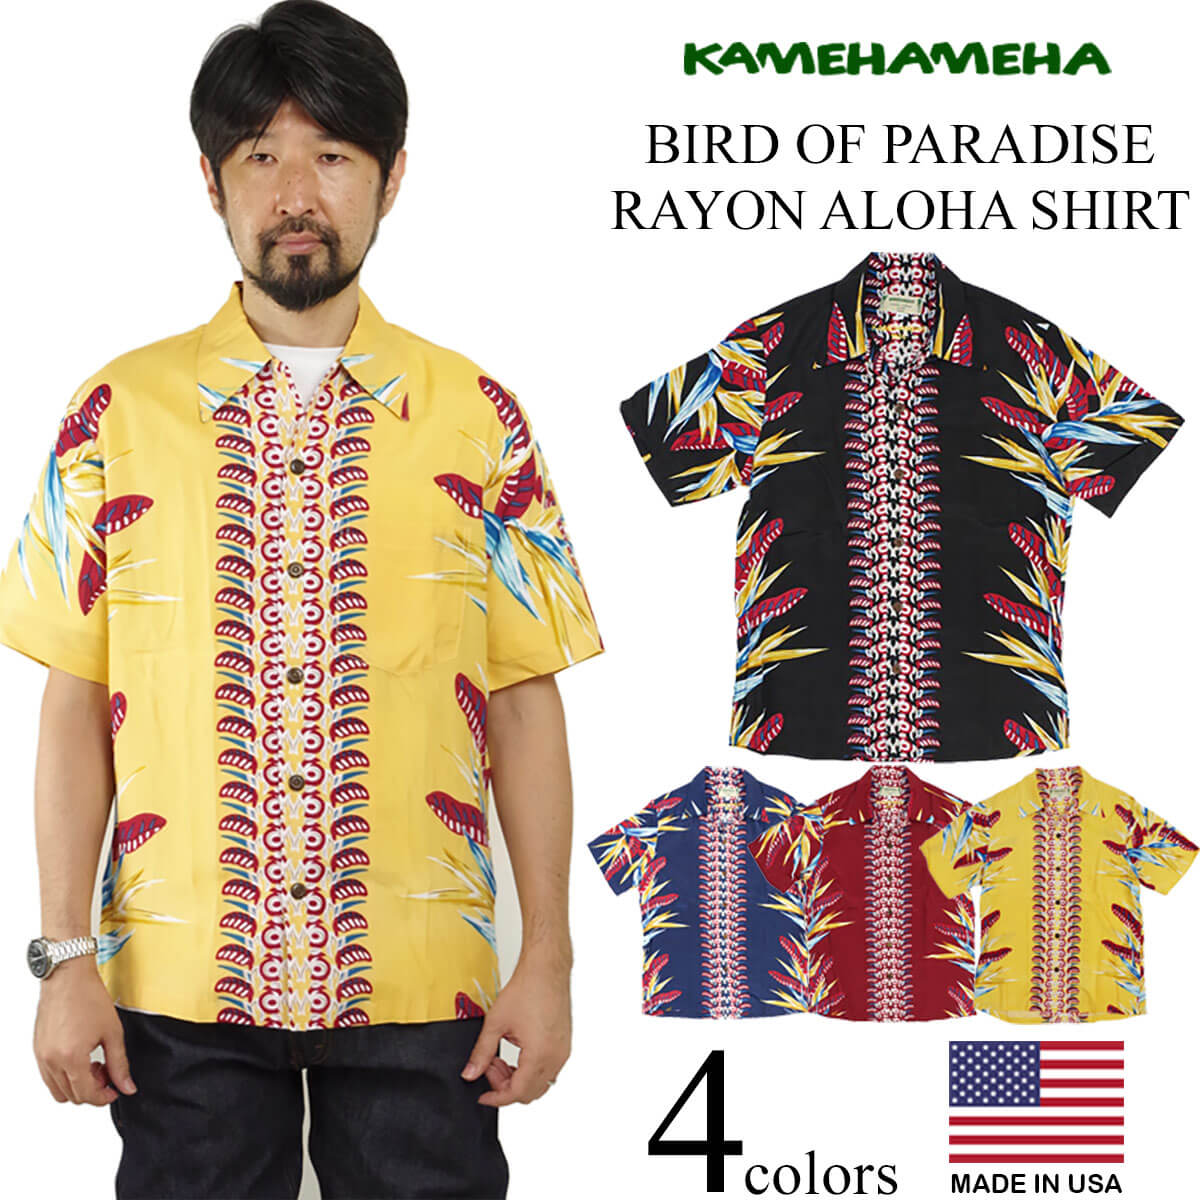 カメハメハ KAMEHAMEHA 半袖 アロハシャツ バードオブパラダイス ハワイ製 (米国製 BIRD OF PARADISE 開襟 レーヨン)